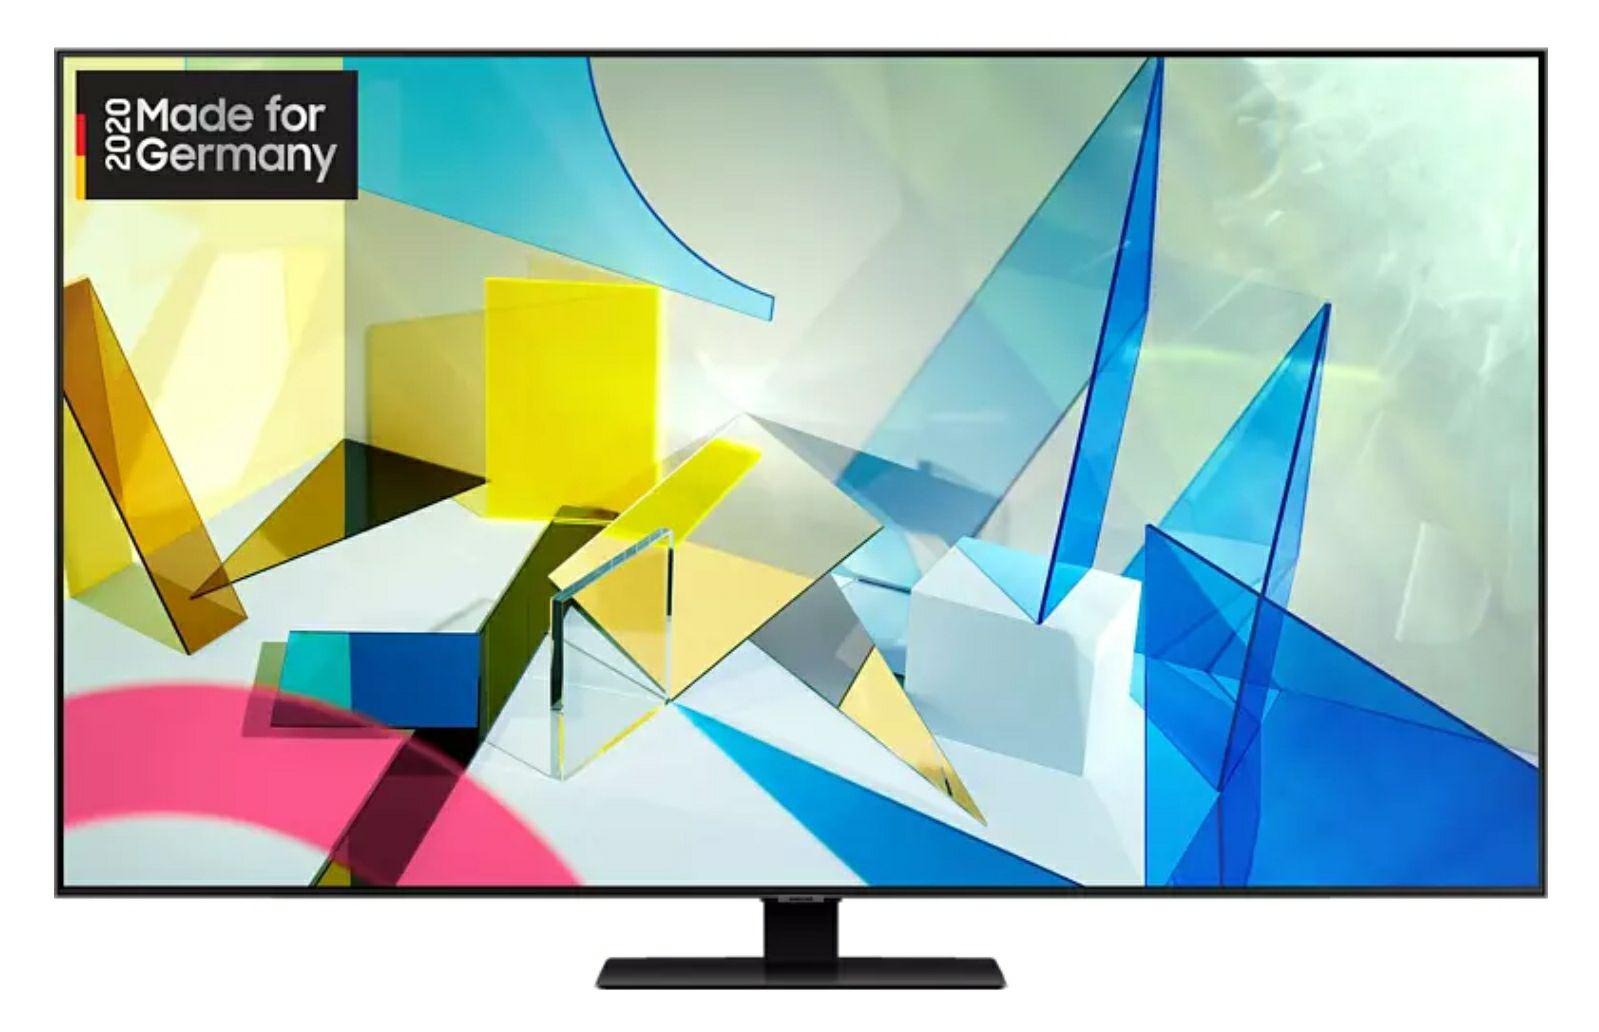 Samsung GQ65Q80 QLED TV 65 Zoll (-200 € mit Cashback) HDMI 2.1